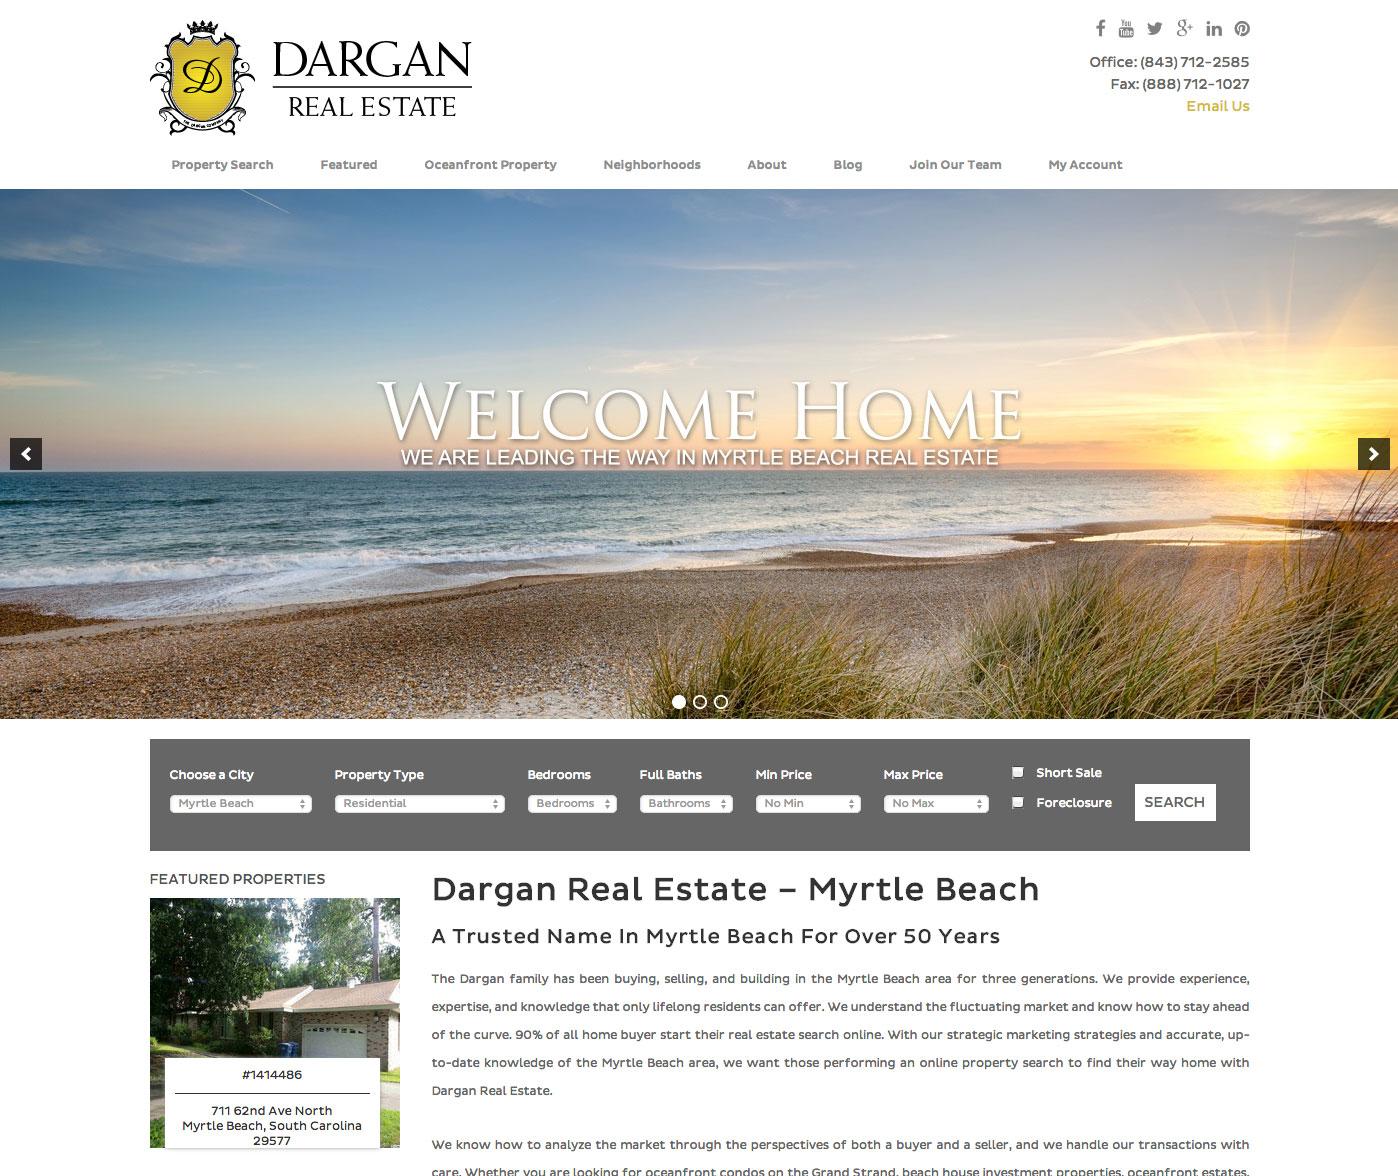 Dargan Real Estate